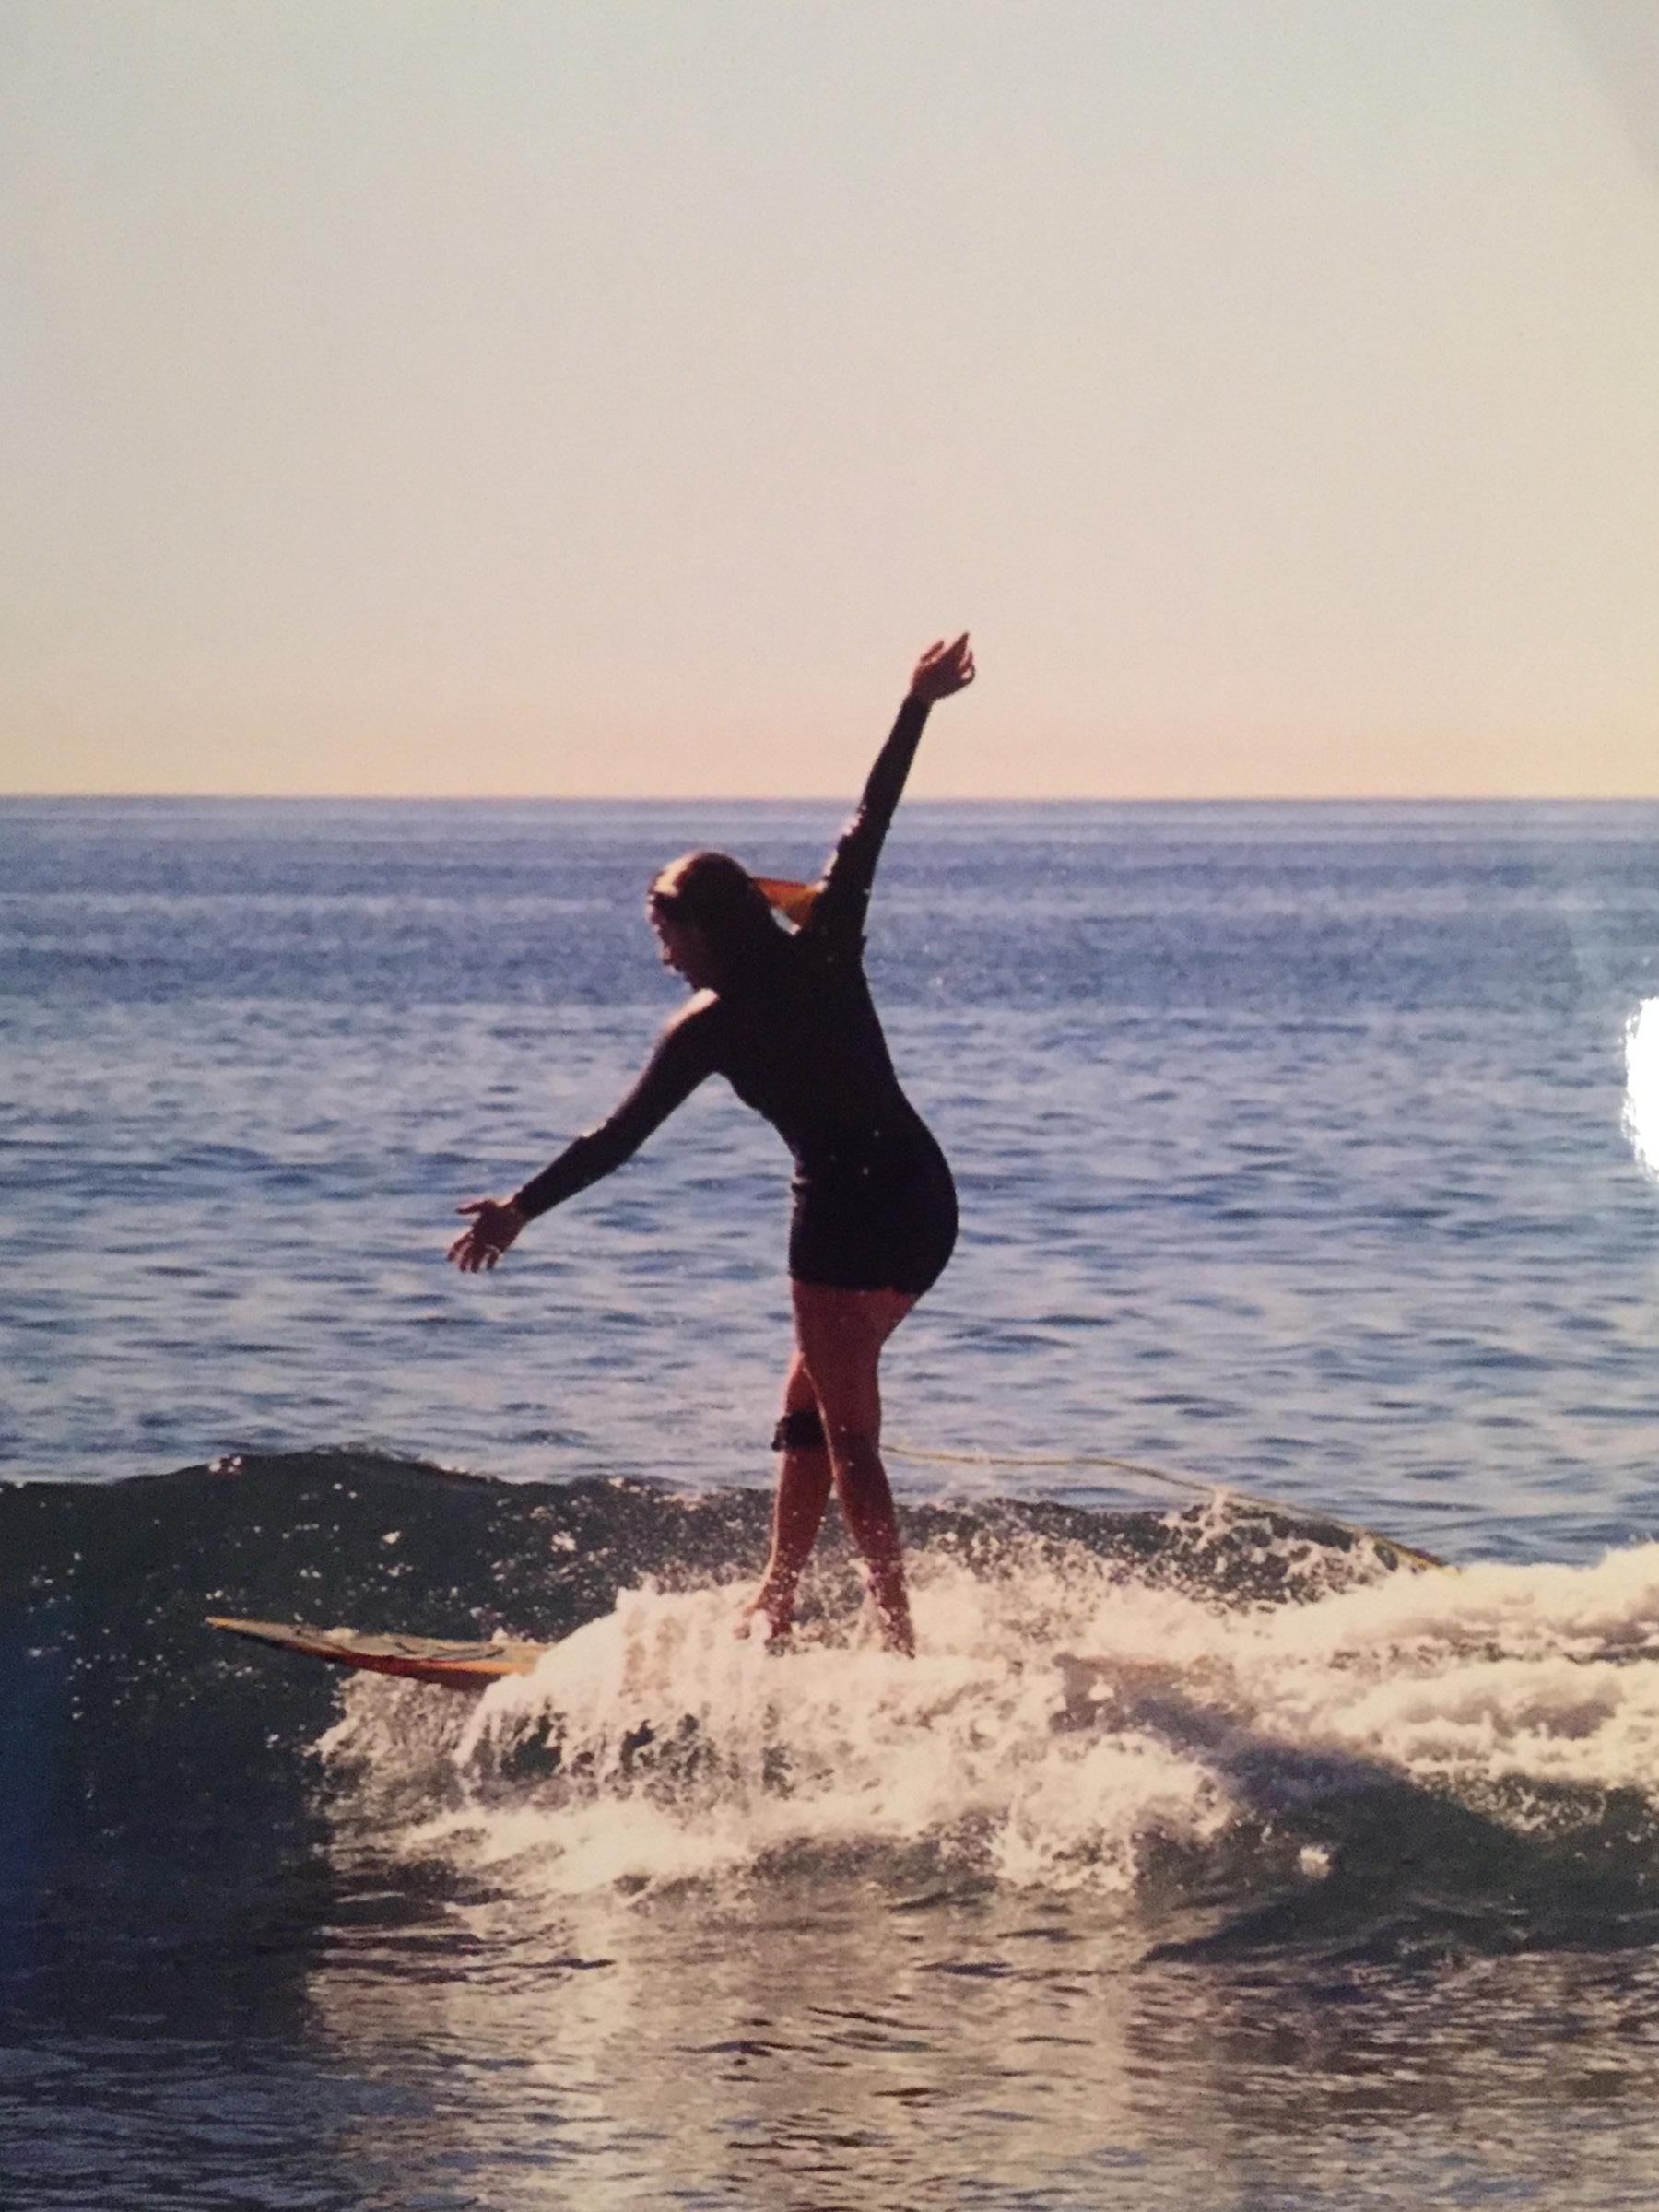 kelsey_napier_making_of_erin_surfs_2.jpg